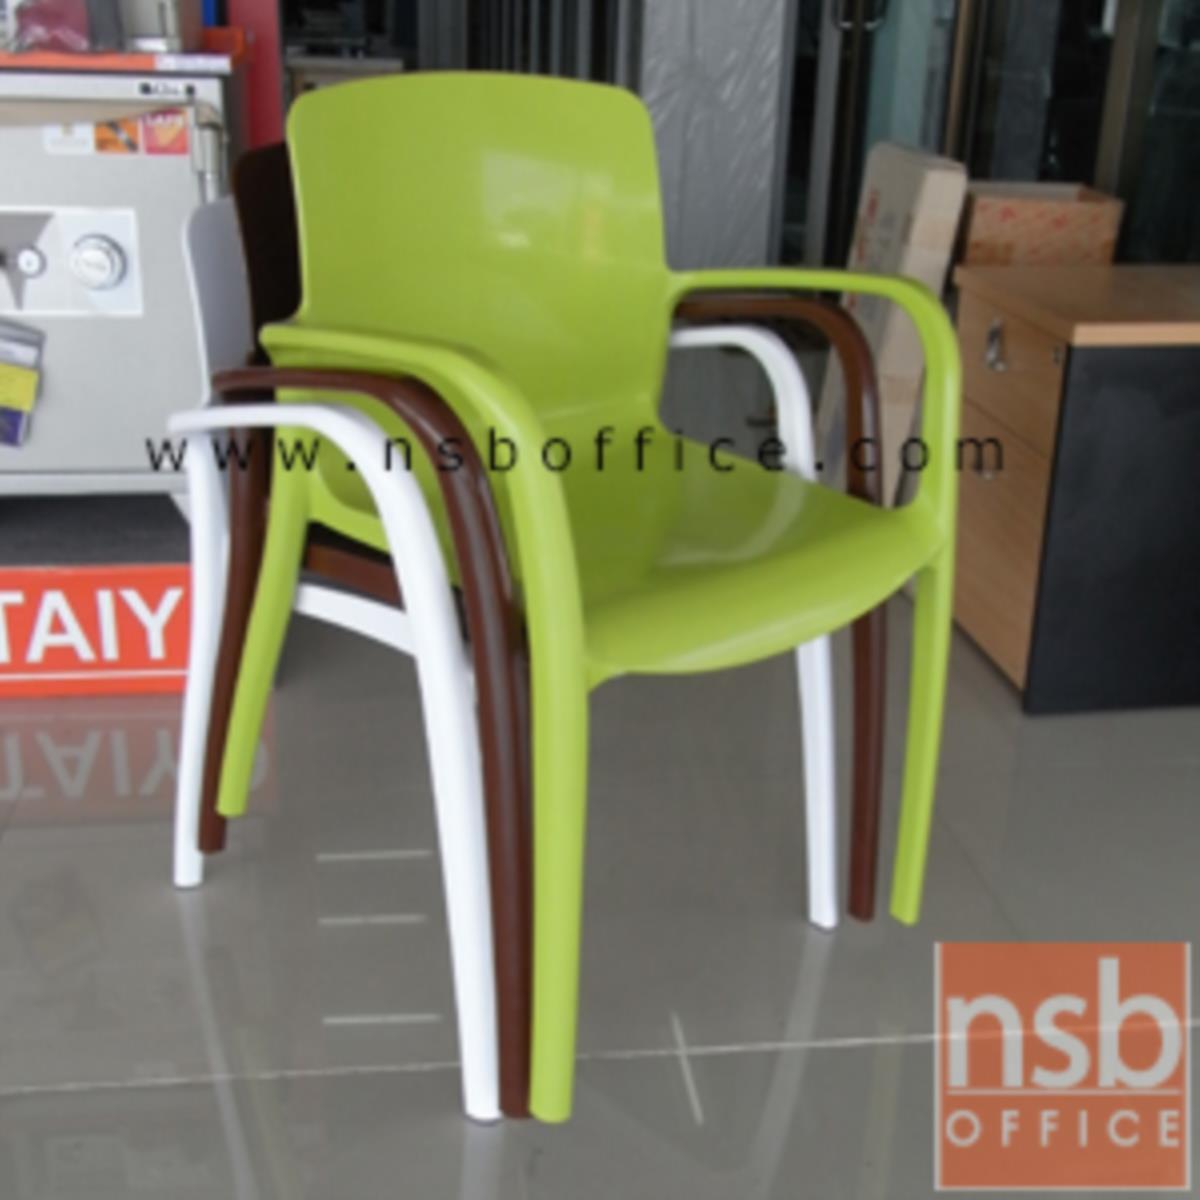 เก้าอี้พลาสติก รุ่น CD-PG-03 ขนาด 53W cm. (พลาสติกเกรด A)